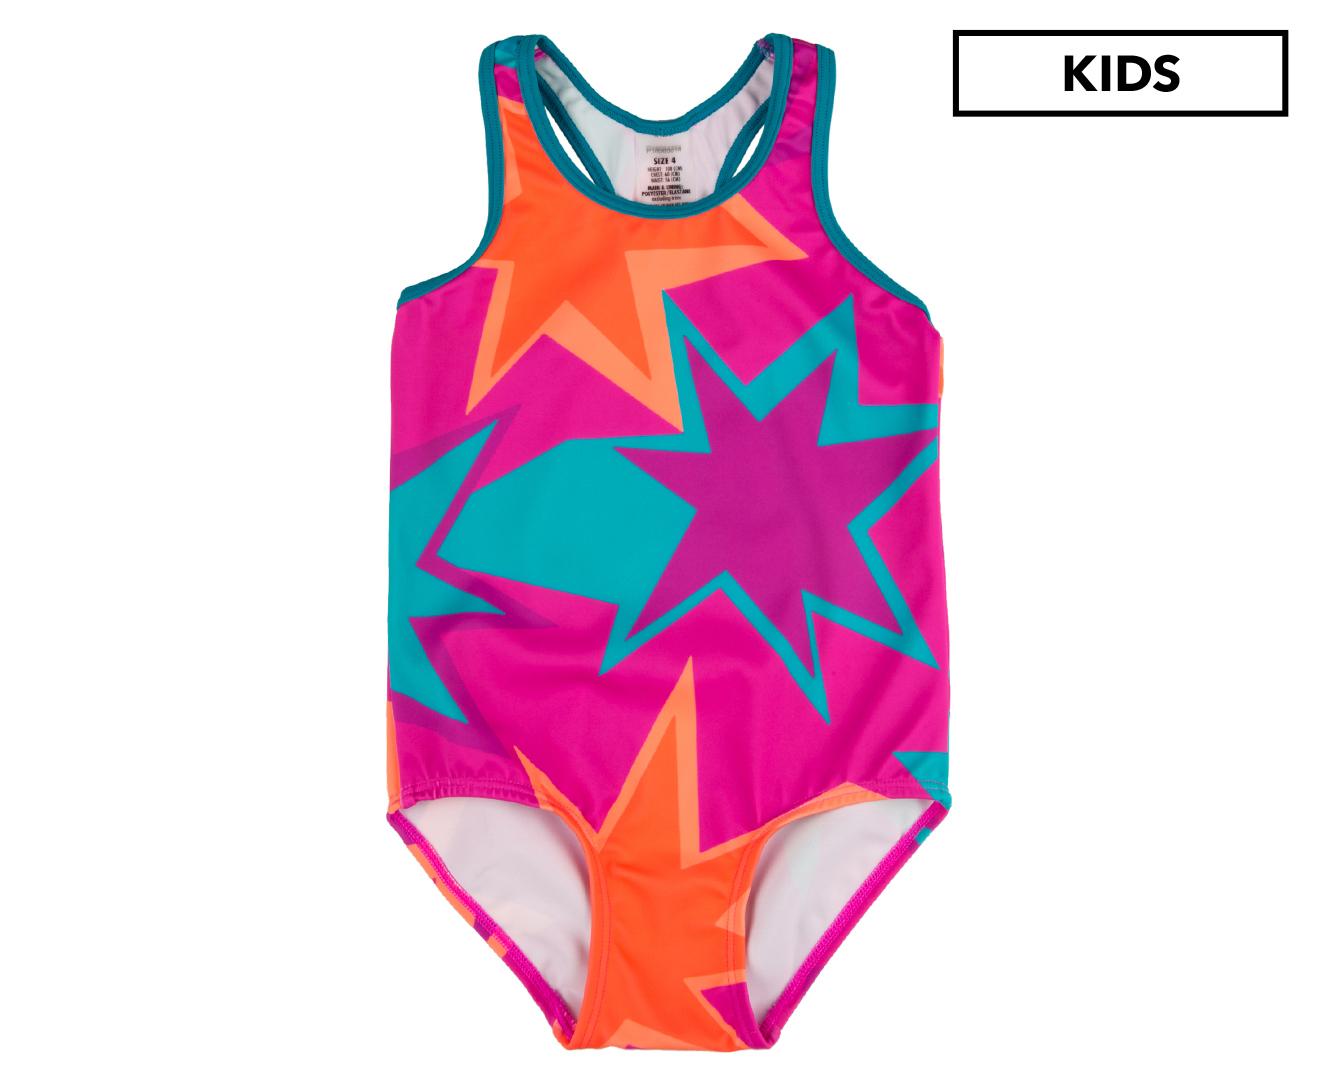 c84cd3eb96a2 Bonds Swim Girls' Racerback Swim One Piece - Pretty Dazzling Fireworks |  Catch.com.au